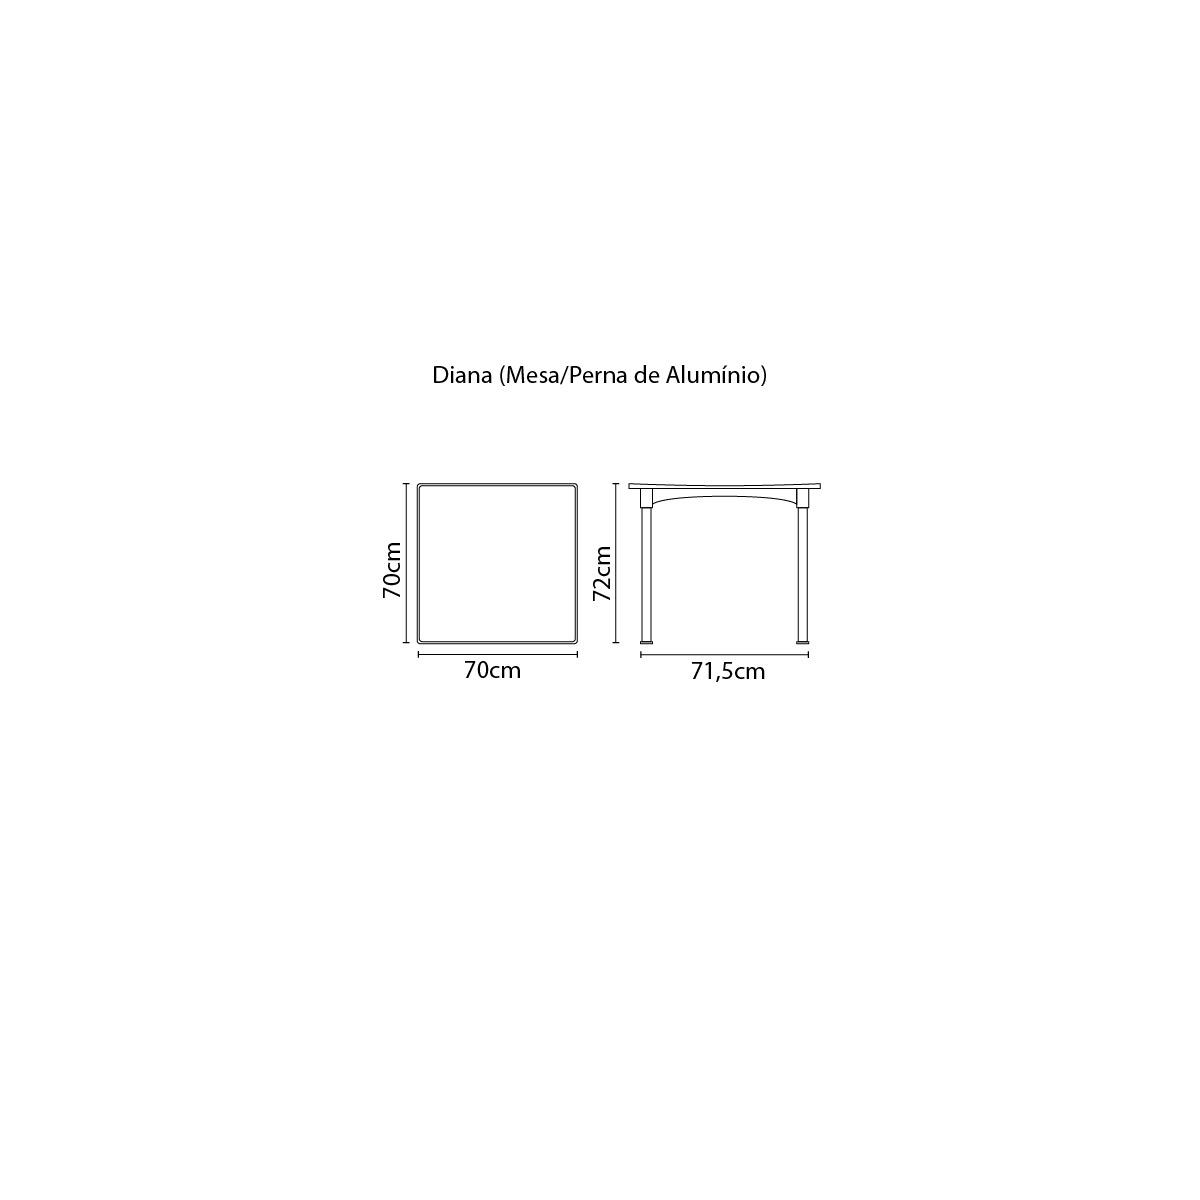 Mesa Tramontina Diana Preta 70 x 70 cm  em Polipropileno com Pernas de Alumínio